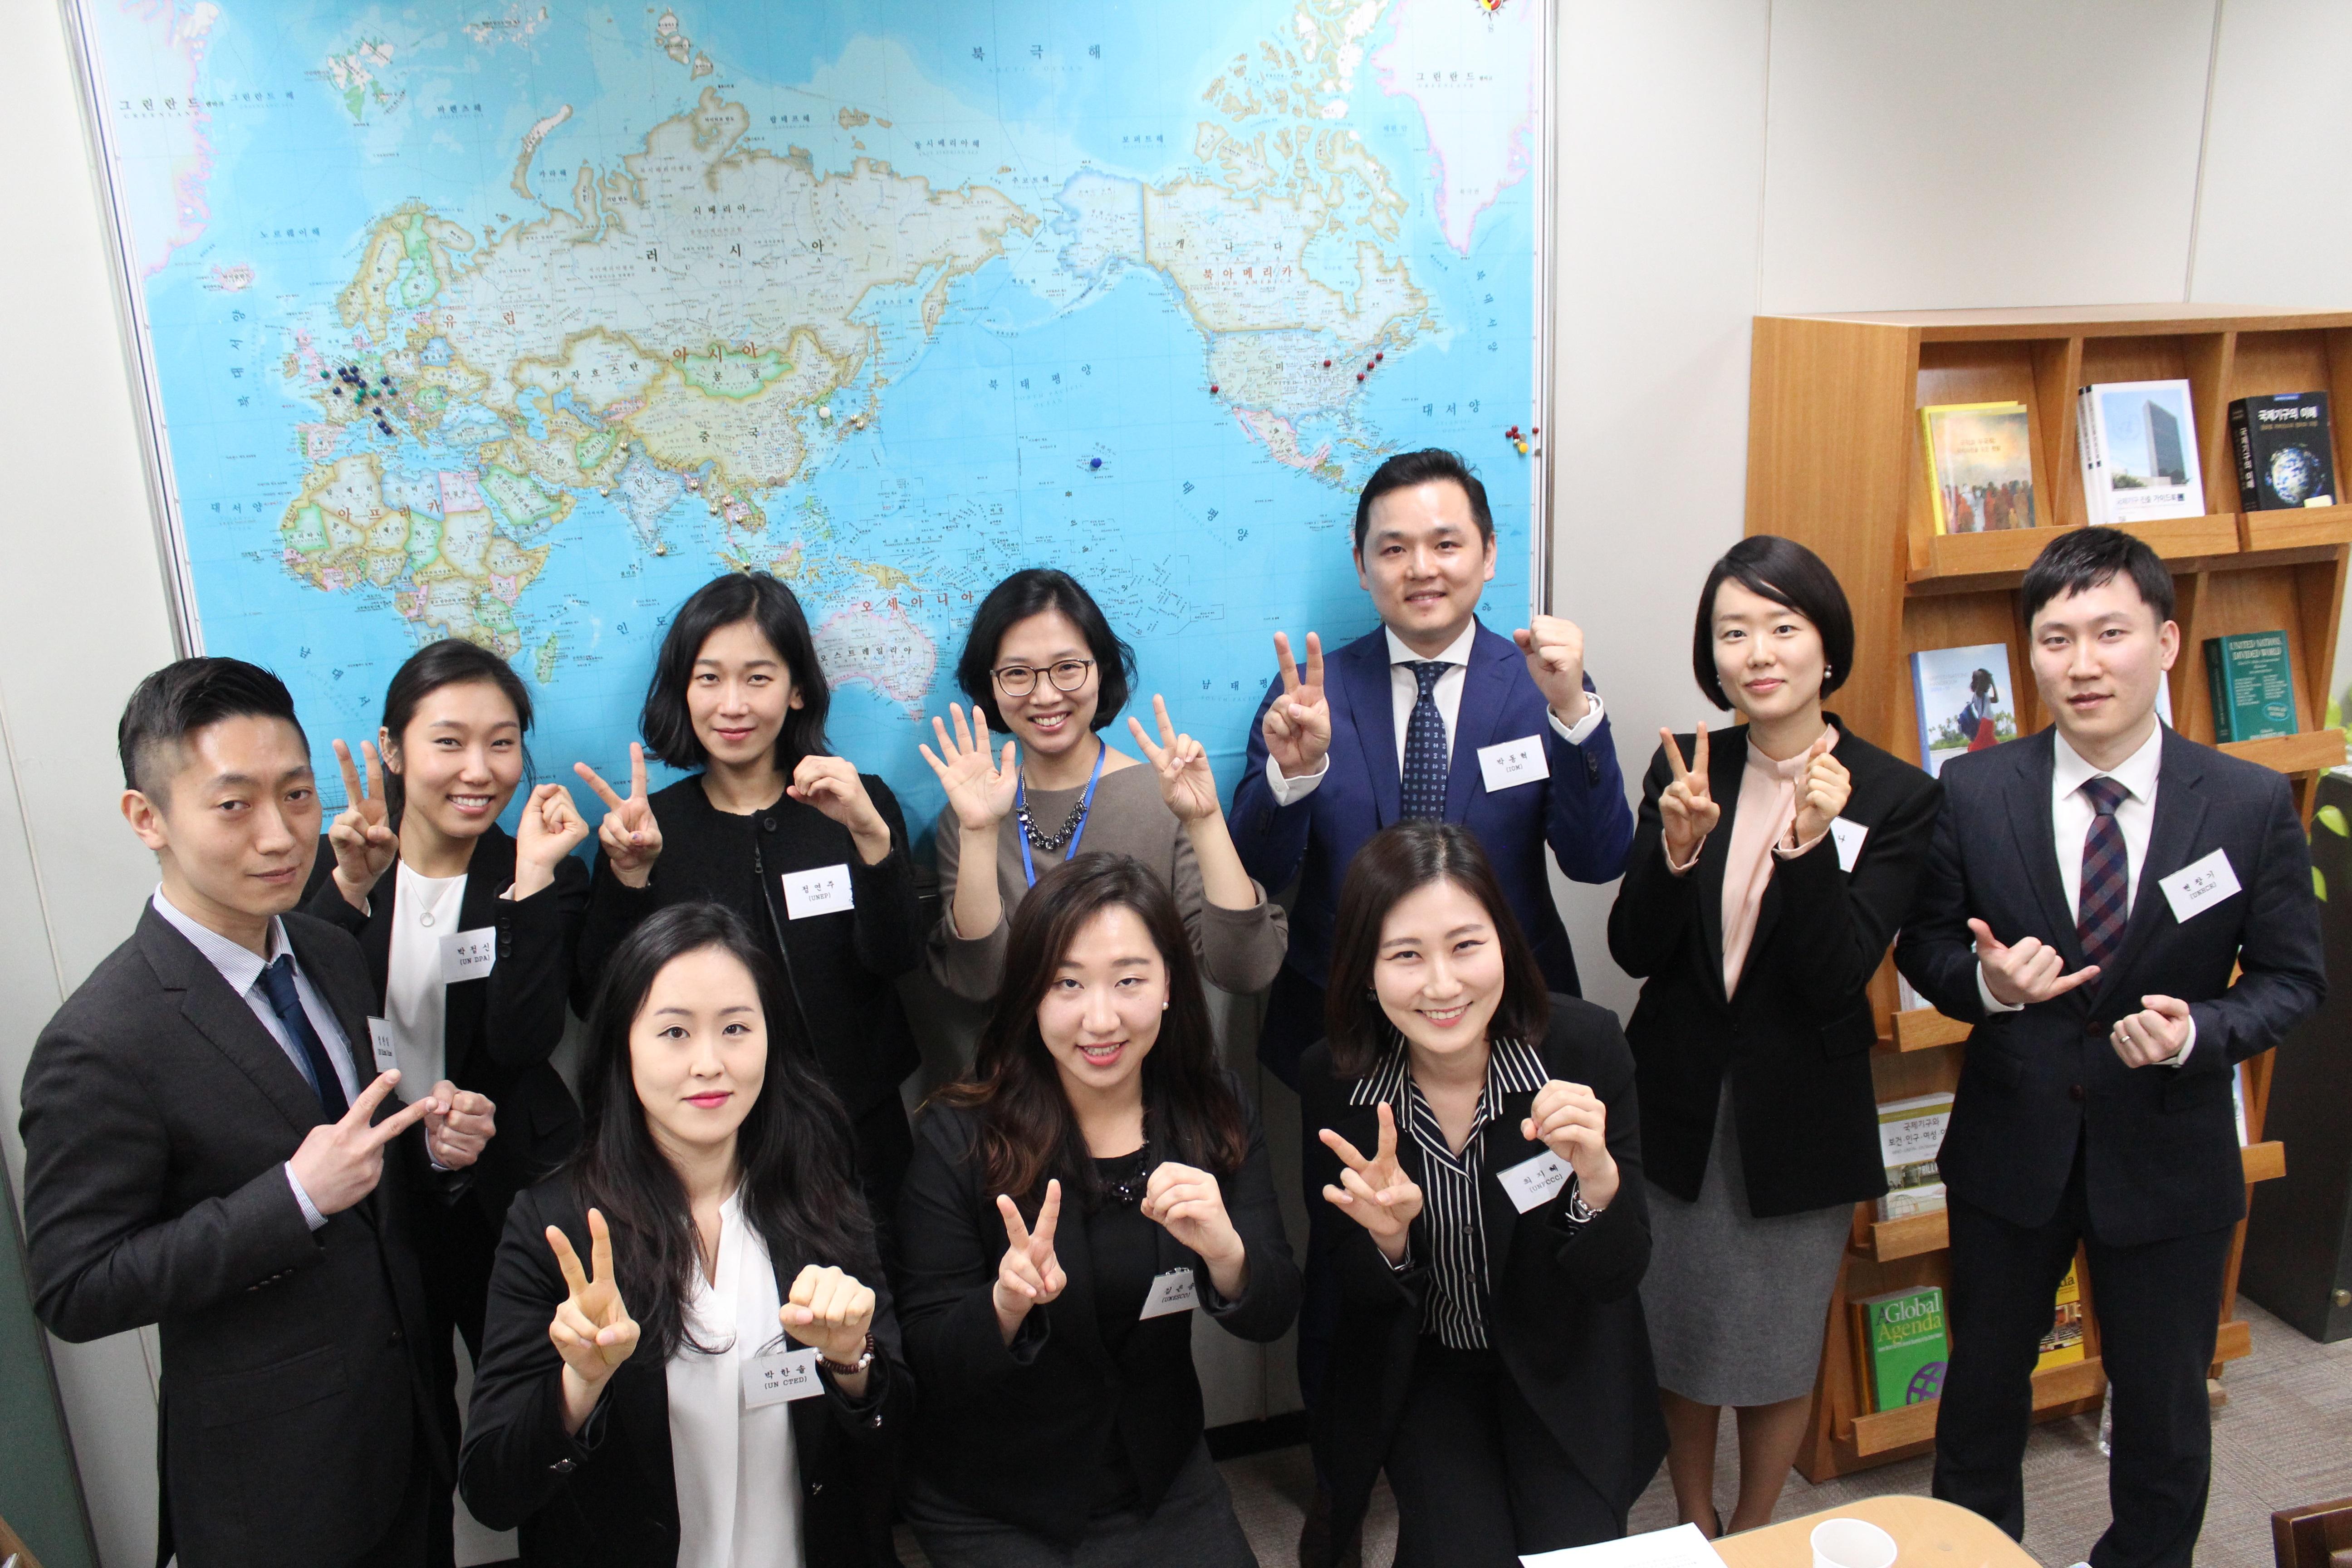 2017년 파견 JPO 오리엔테이션